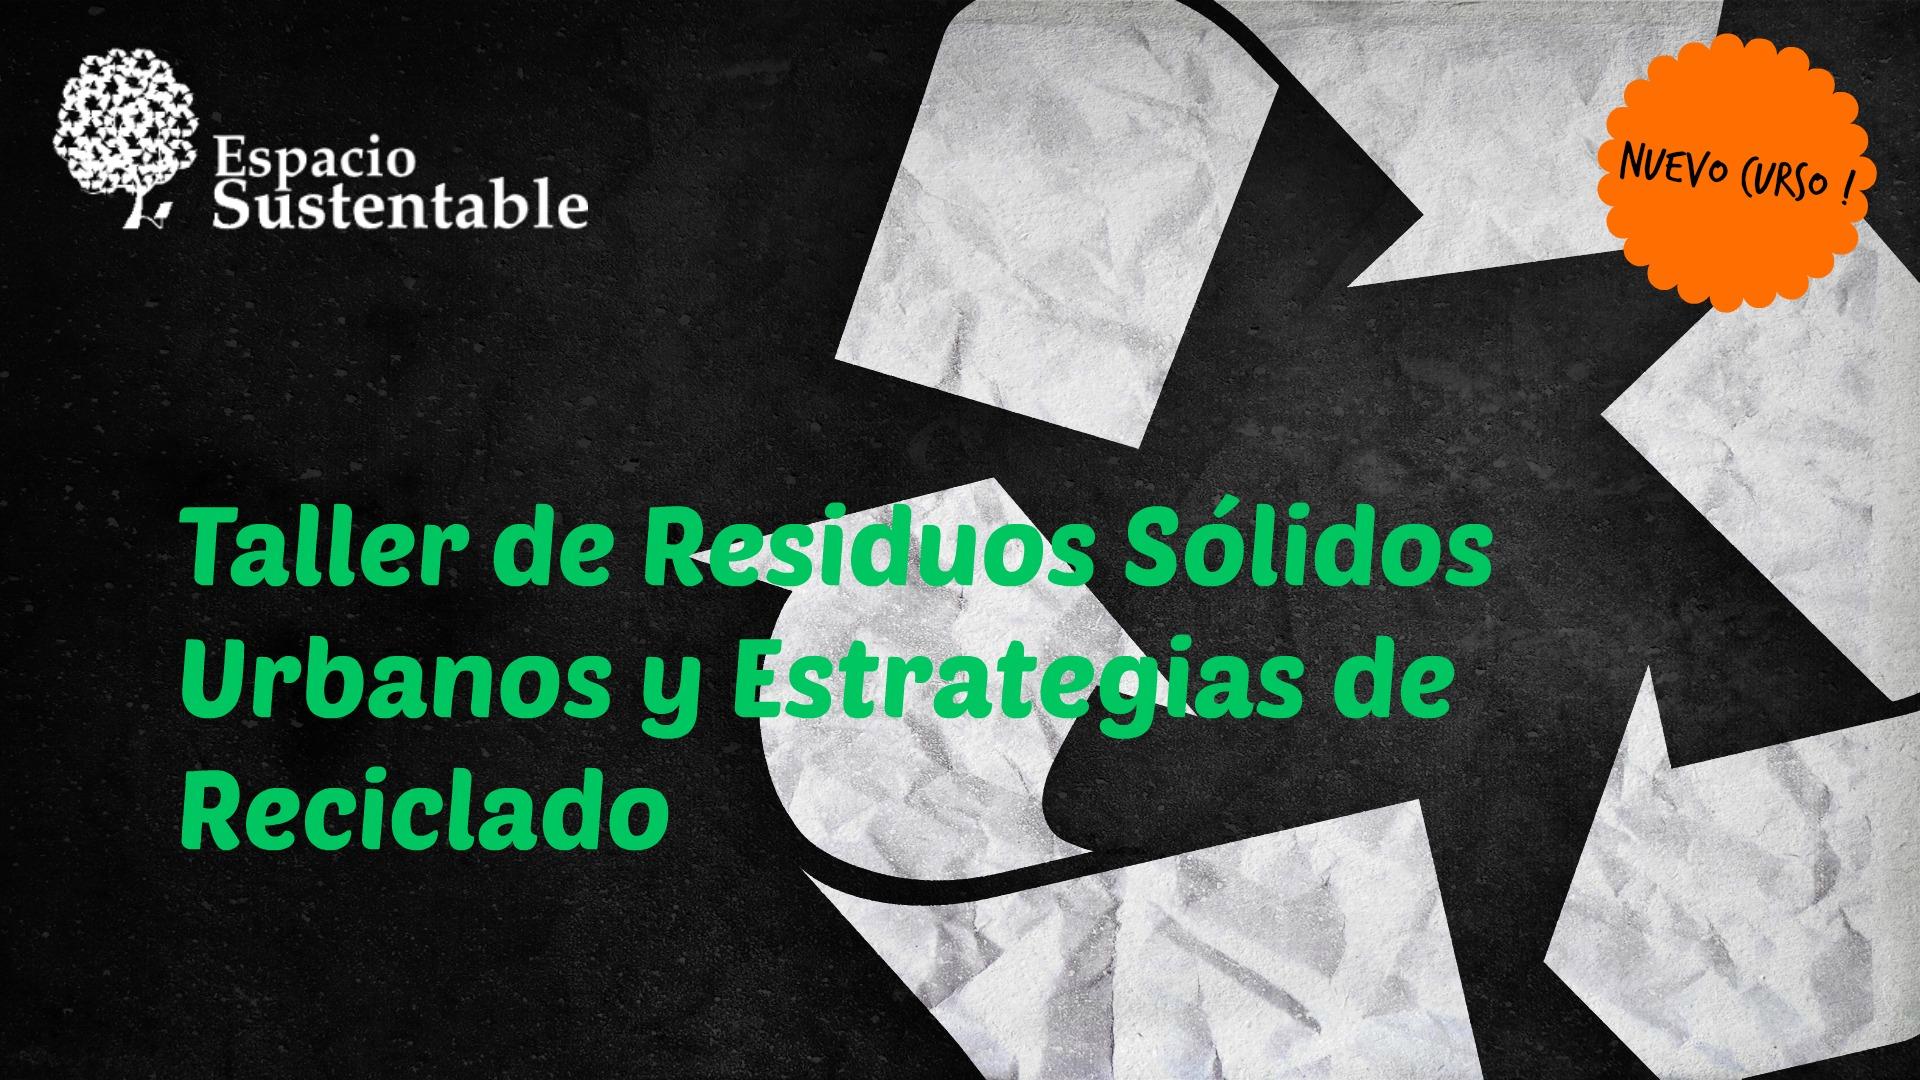 Curso – Taller de Residuos Sólidos Urbanos y Estrategias de Reciclado